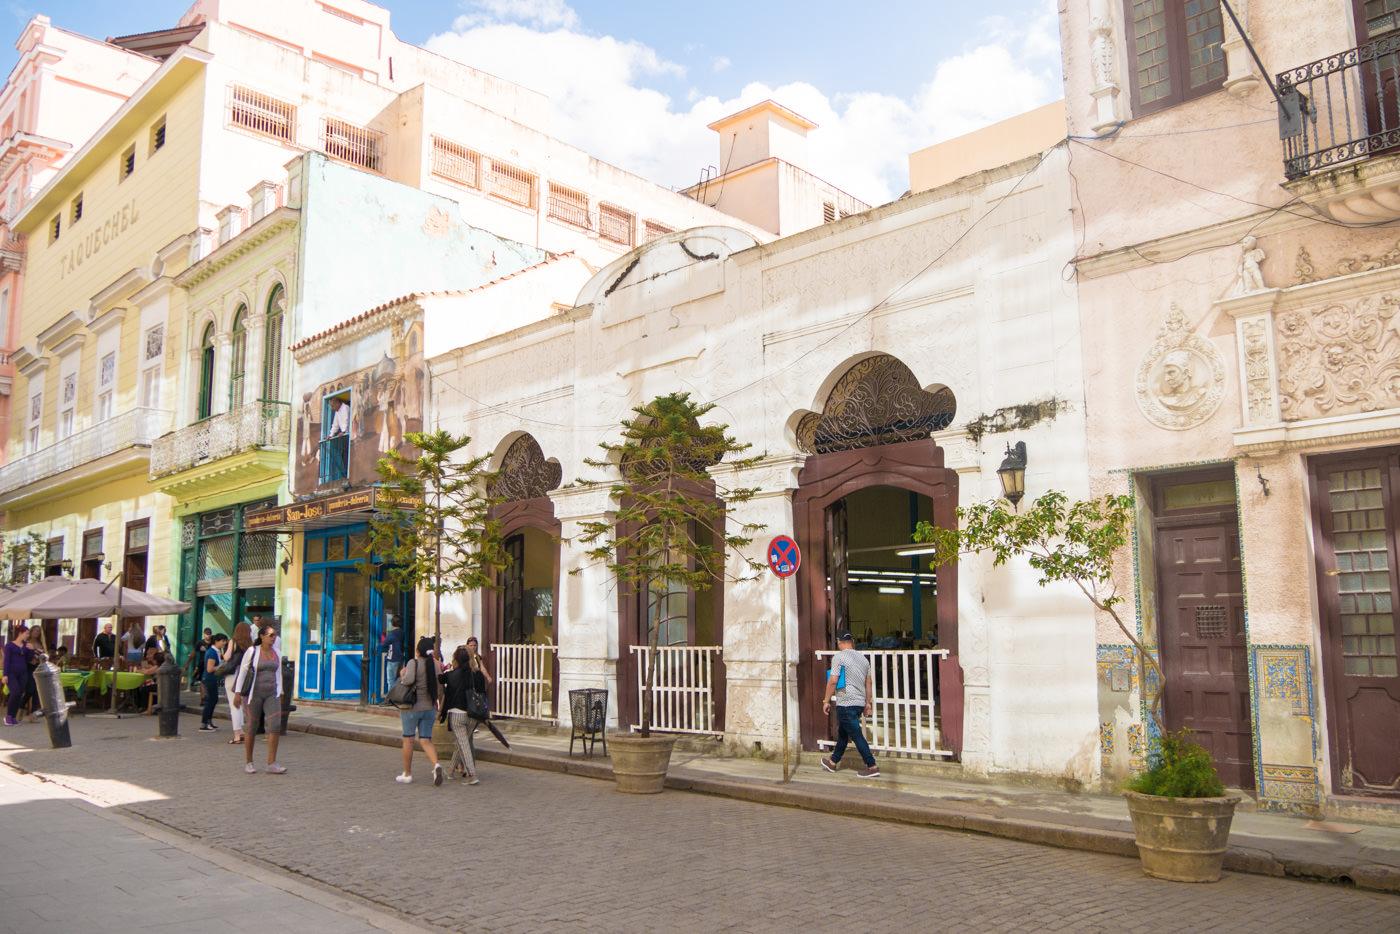 Gebäude am Plaza Vieja in Havanna